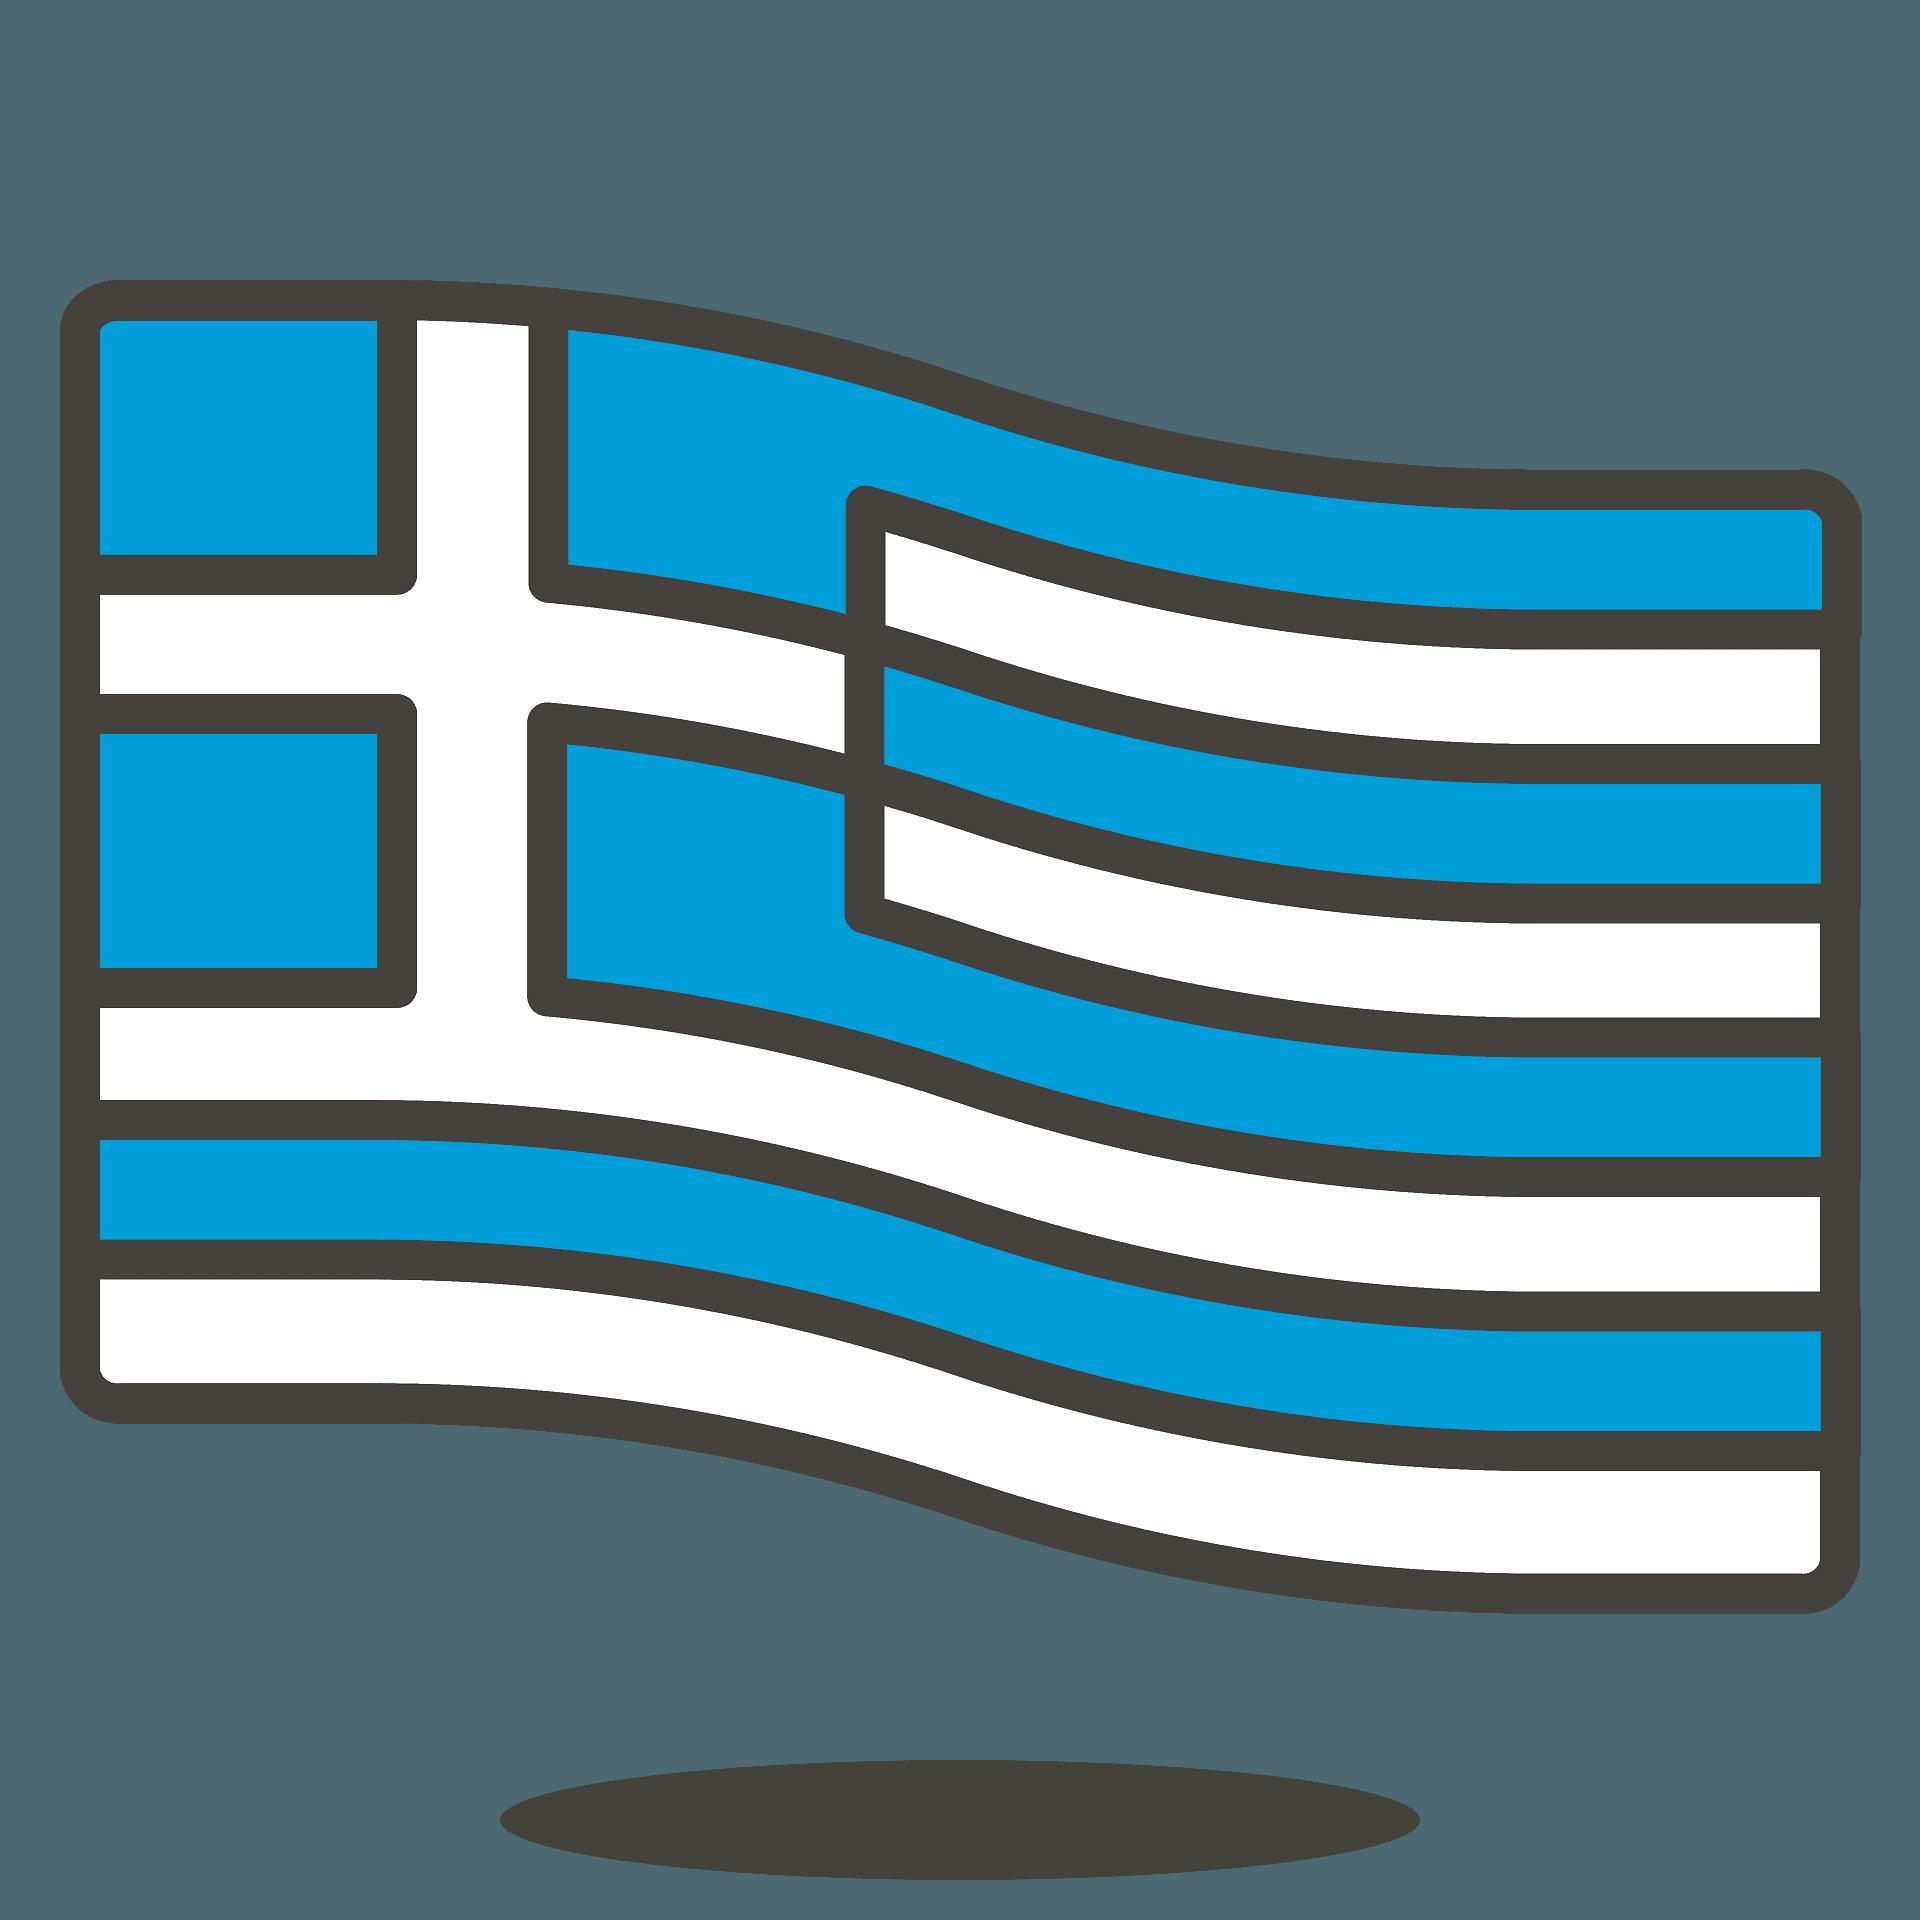 Greece flag emoji clipart. Free download transparent .PNG   Creazilla